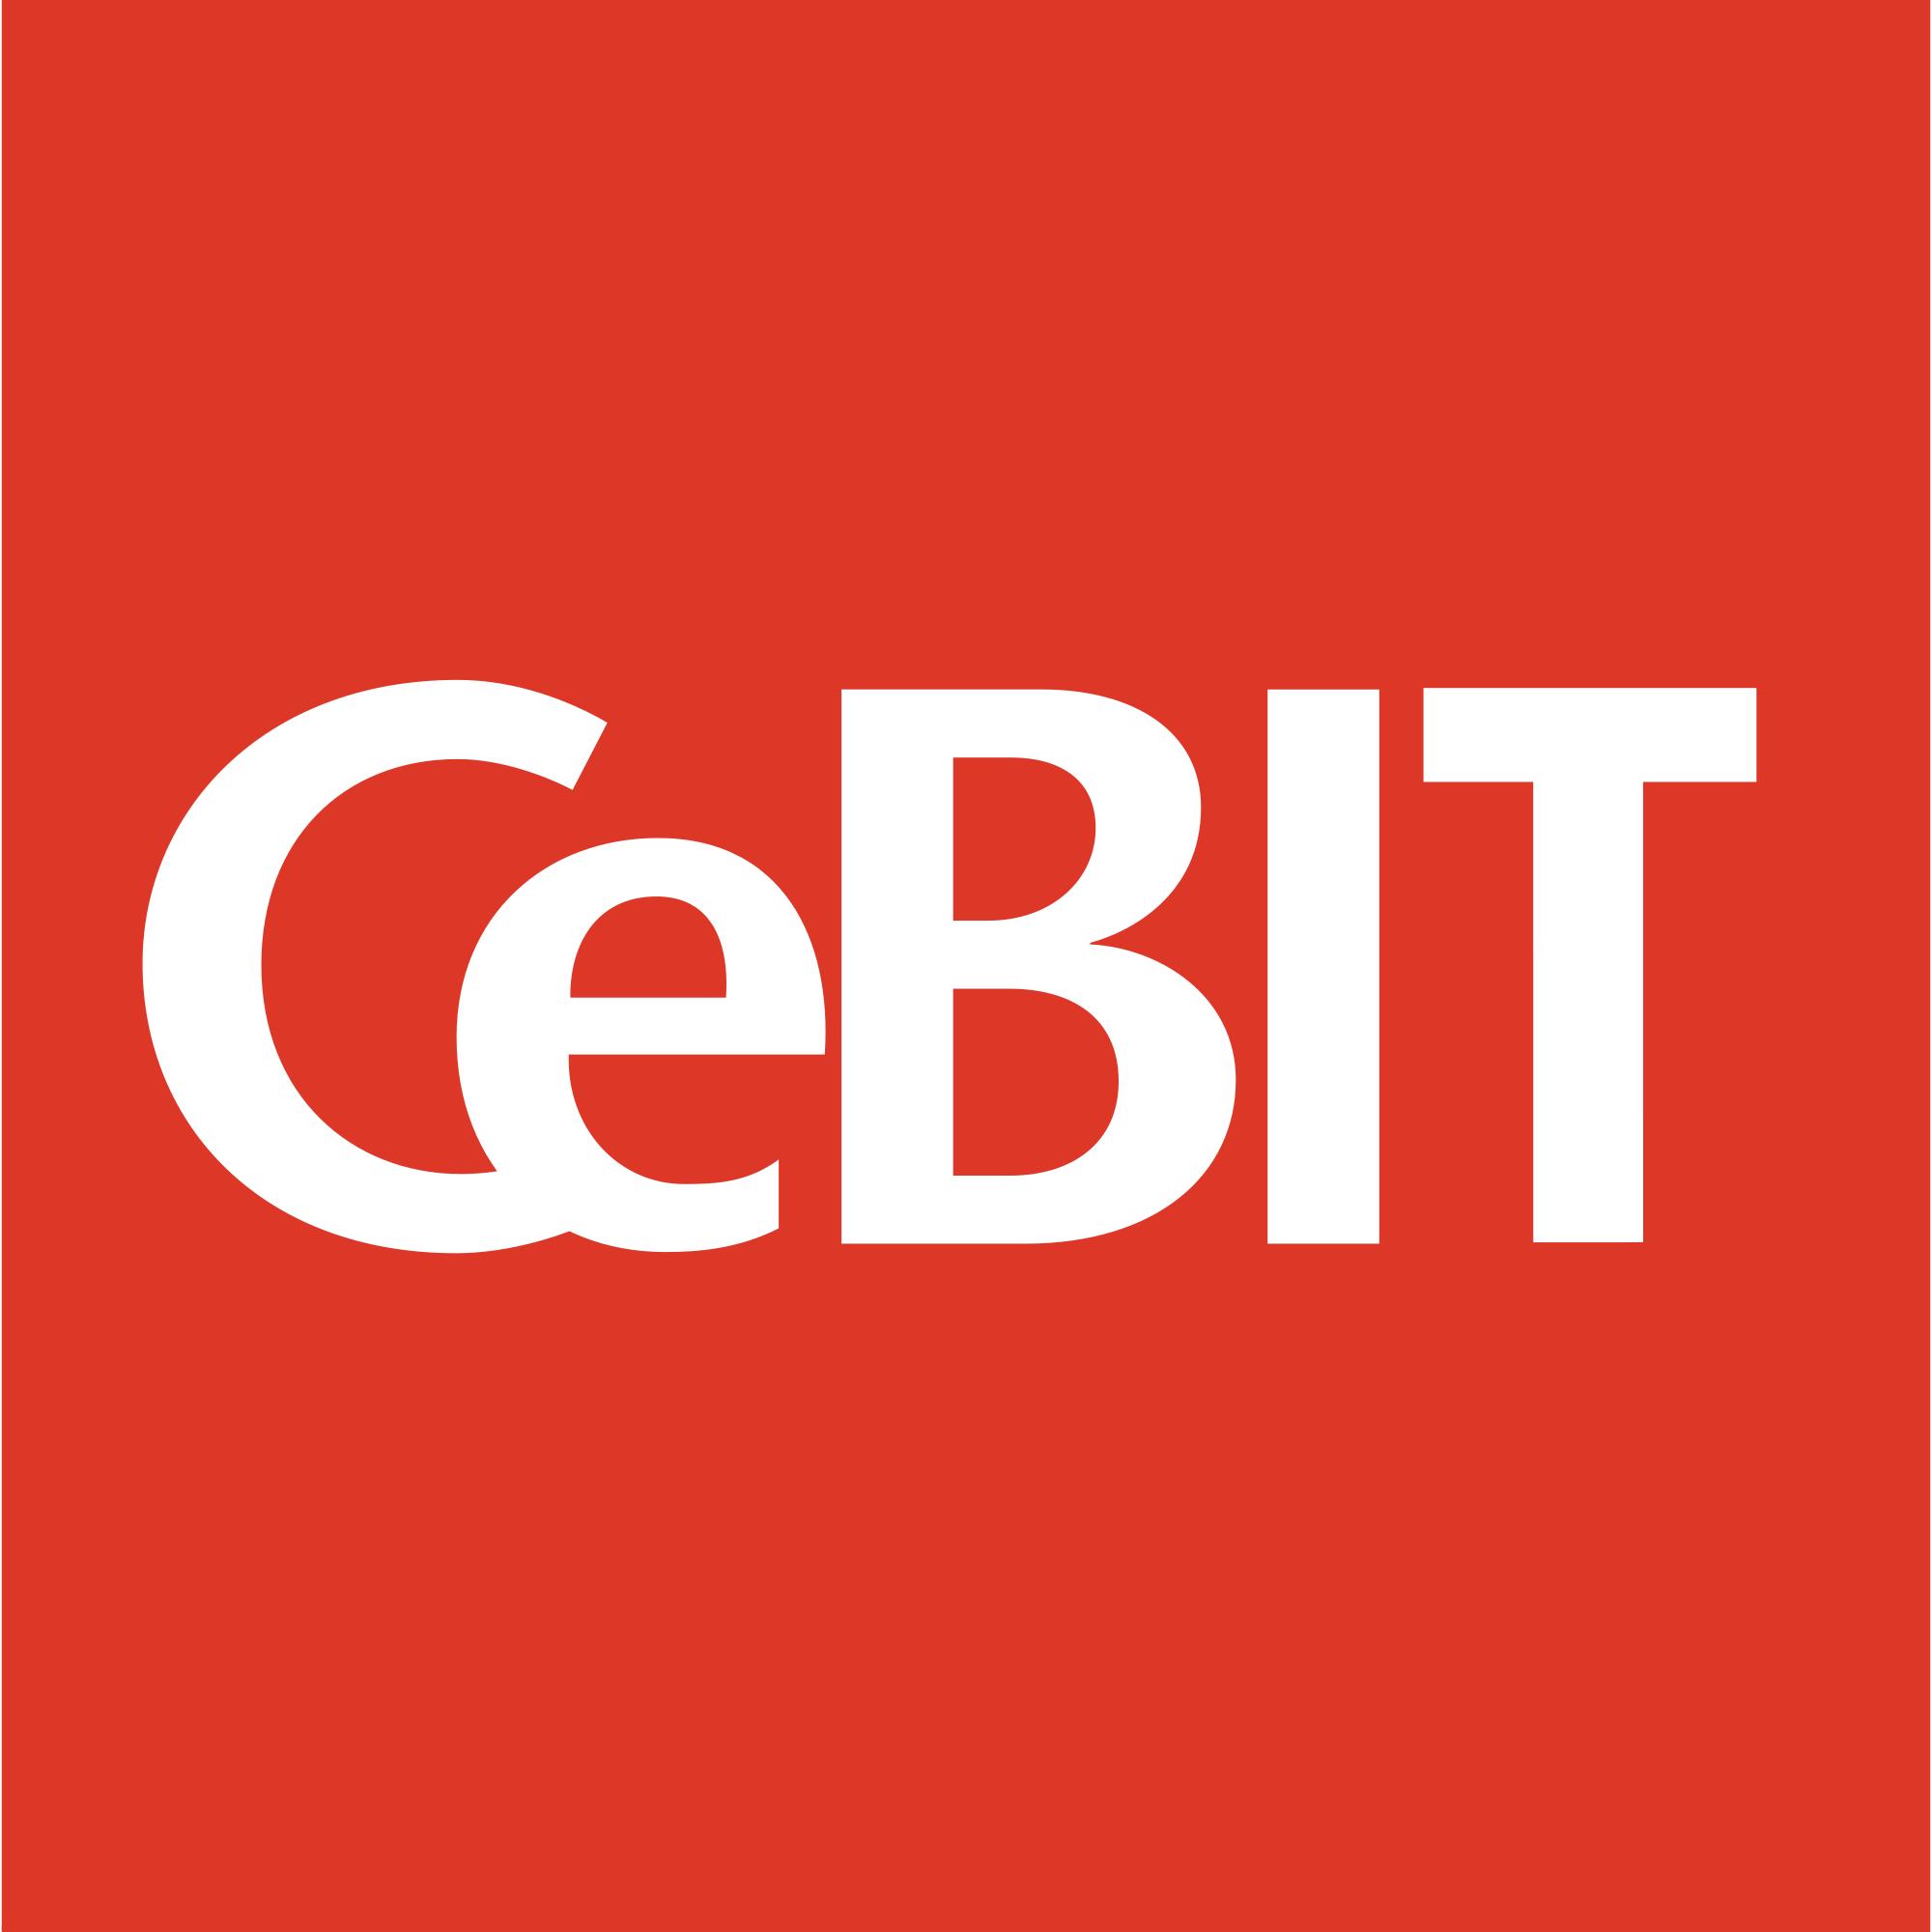 kostenlose Tickets zu Cebit 2018